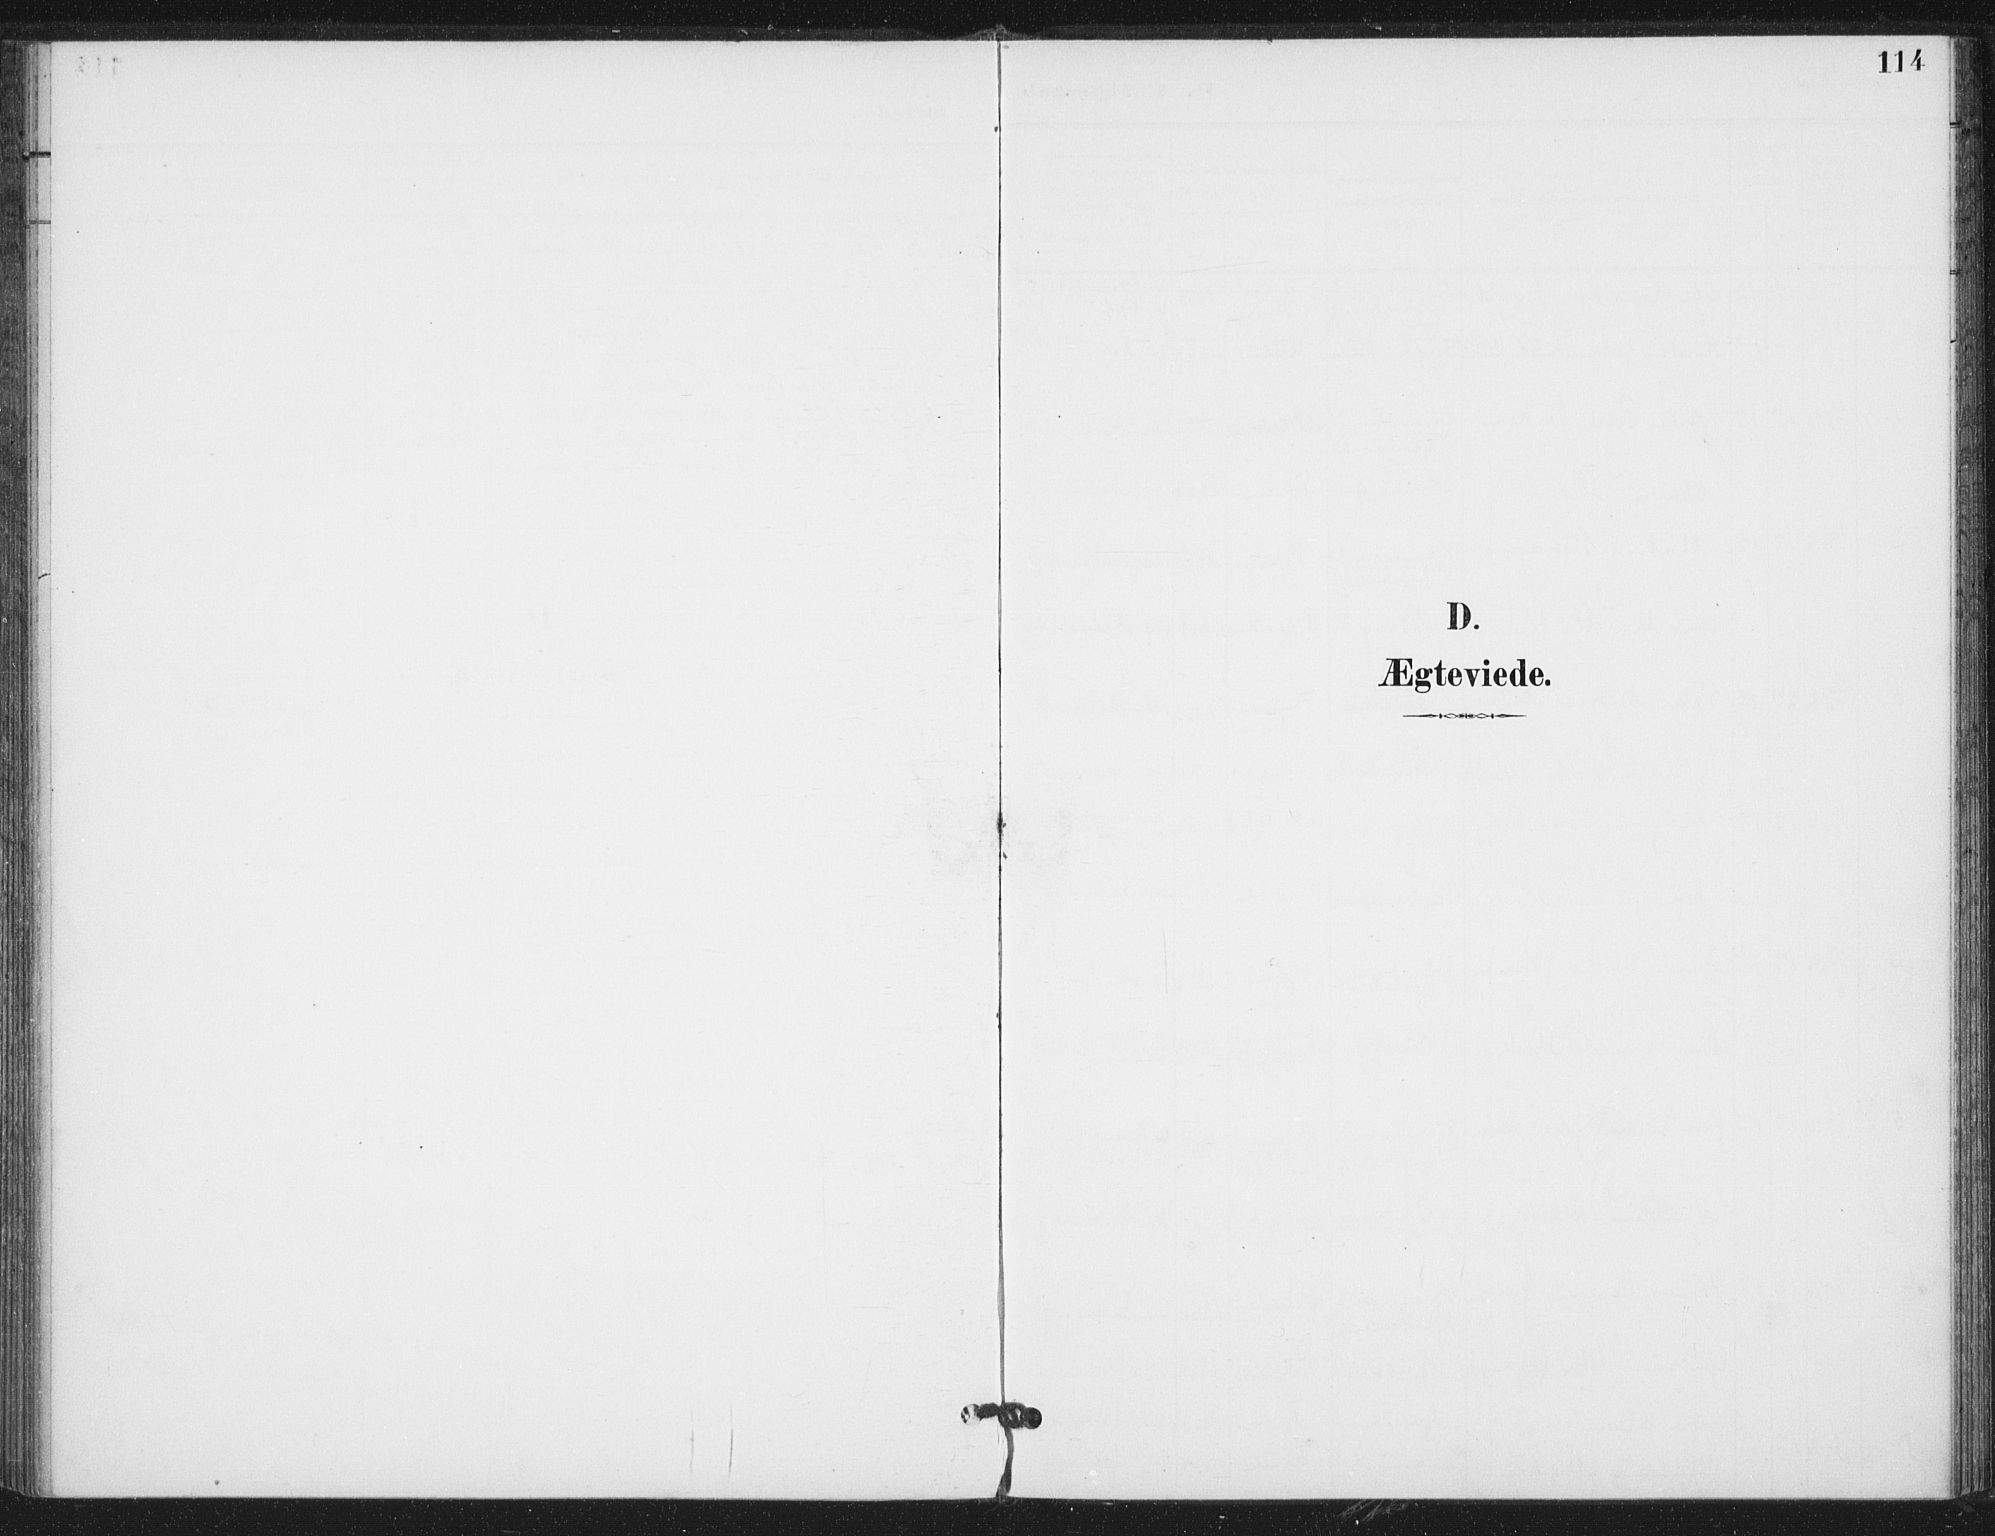 SAT, Ministerialprotokoller, klokkerbøker og fødselsregistre - Nord-Trøndelag, 714/L0131: Ministerialbok nr. 714A02, 1896-1918, s. 114